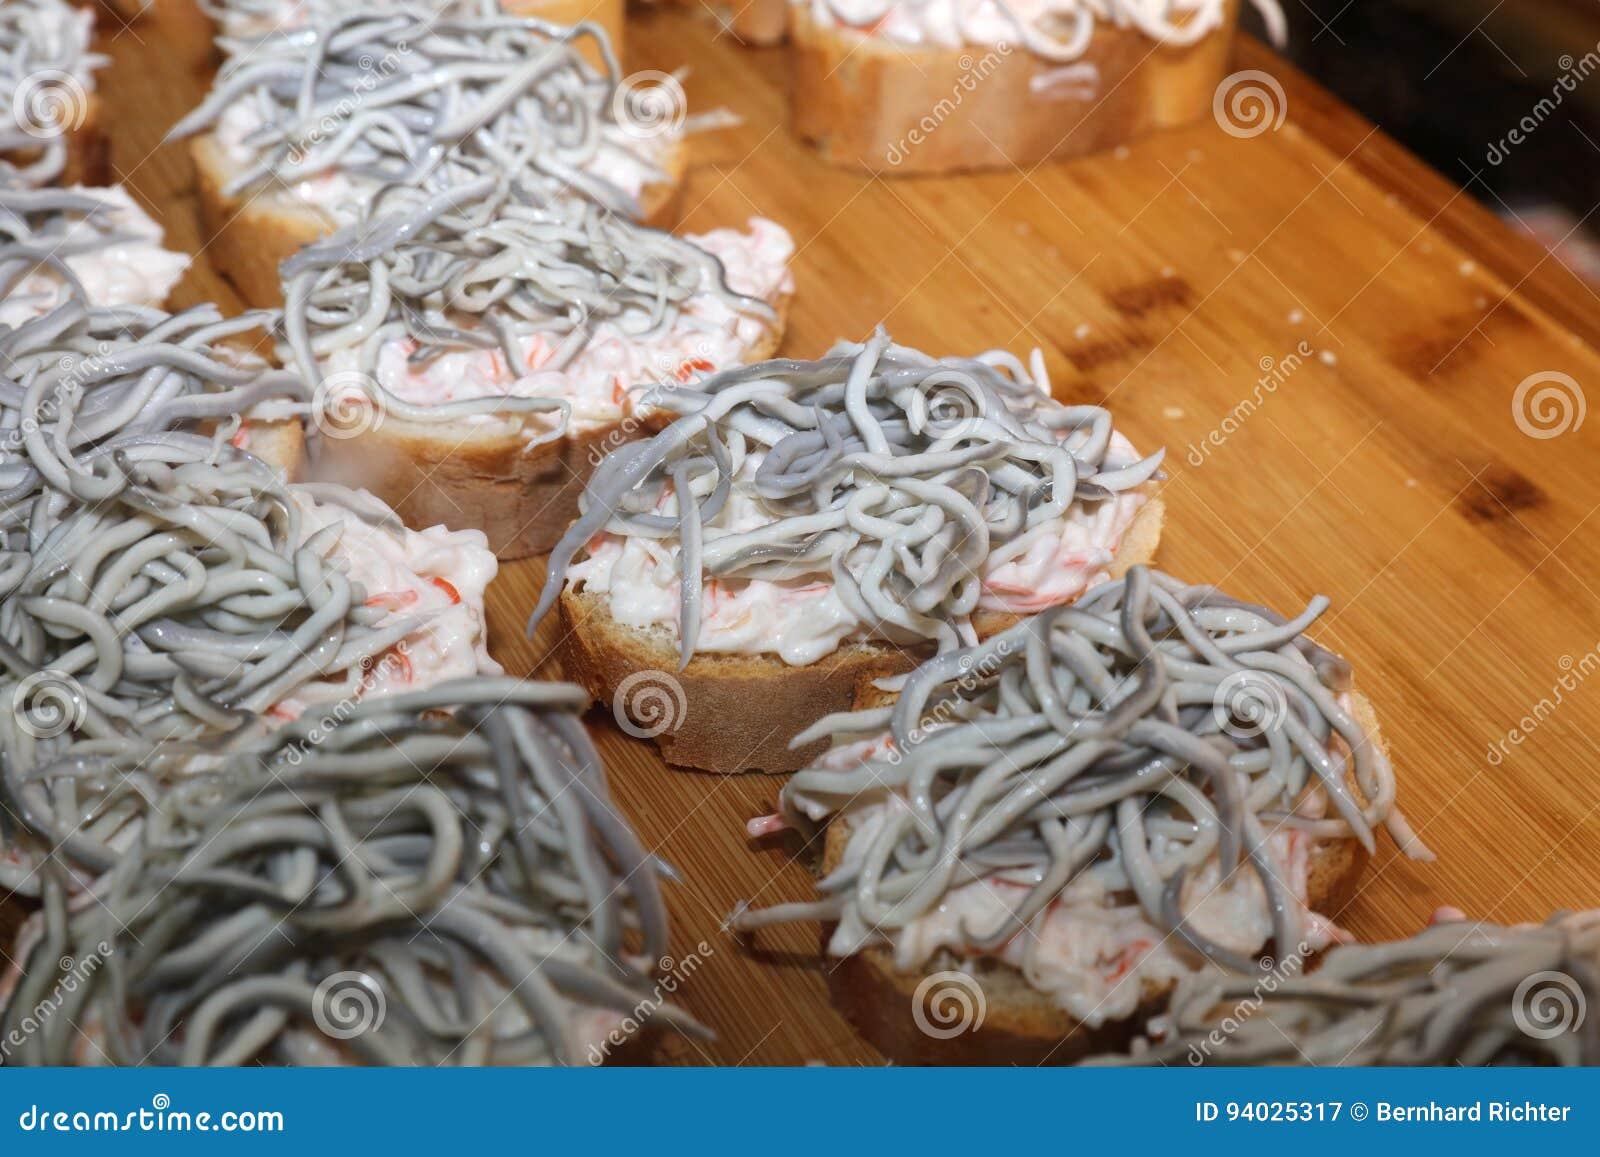 Como Cocinar Angulas | Enguias Do Bebe De Angulas Do Alho Imagem De Stock Imagem 94025317